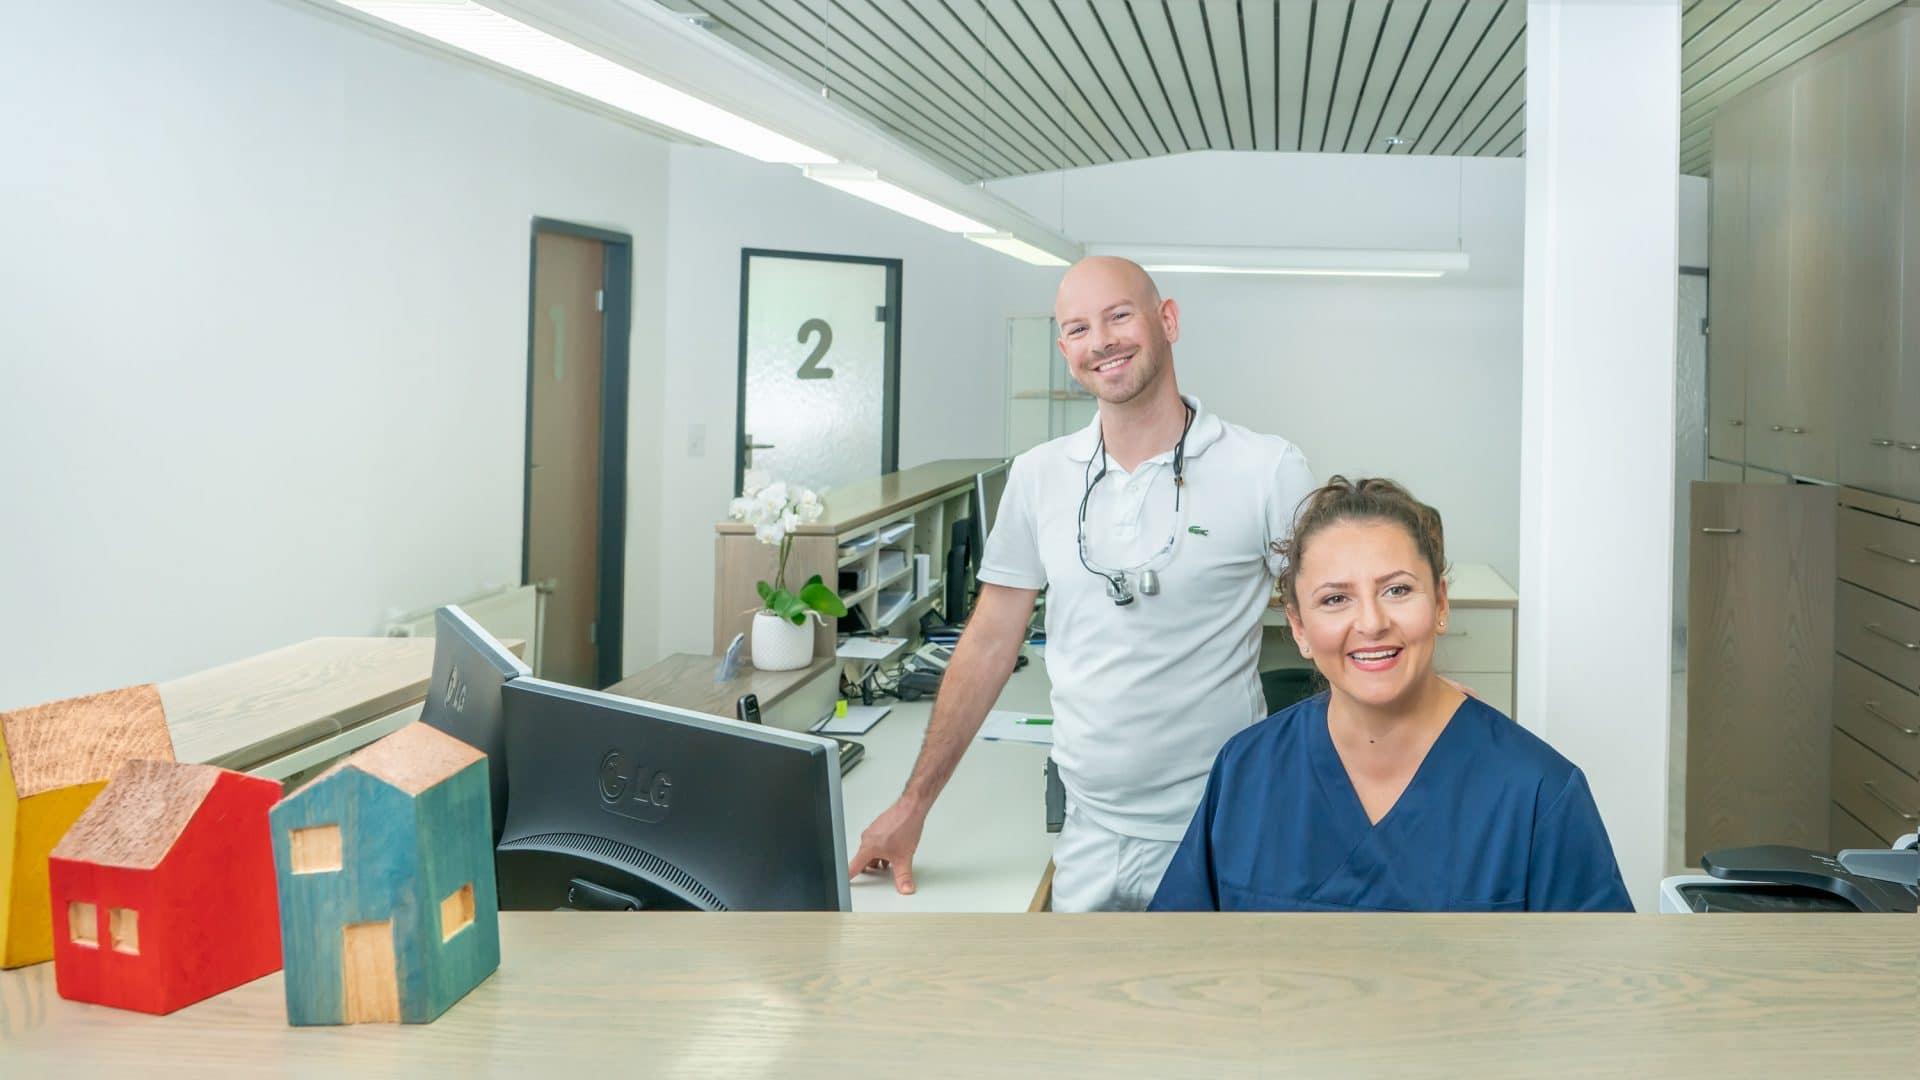 Bild: Wir heißen Sie herzlich willkommen in der Zahnarztpraxis Bierbaum & Kollegen